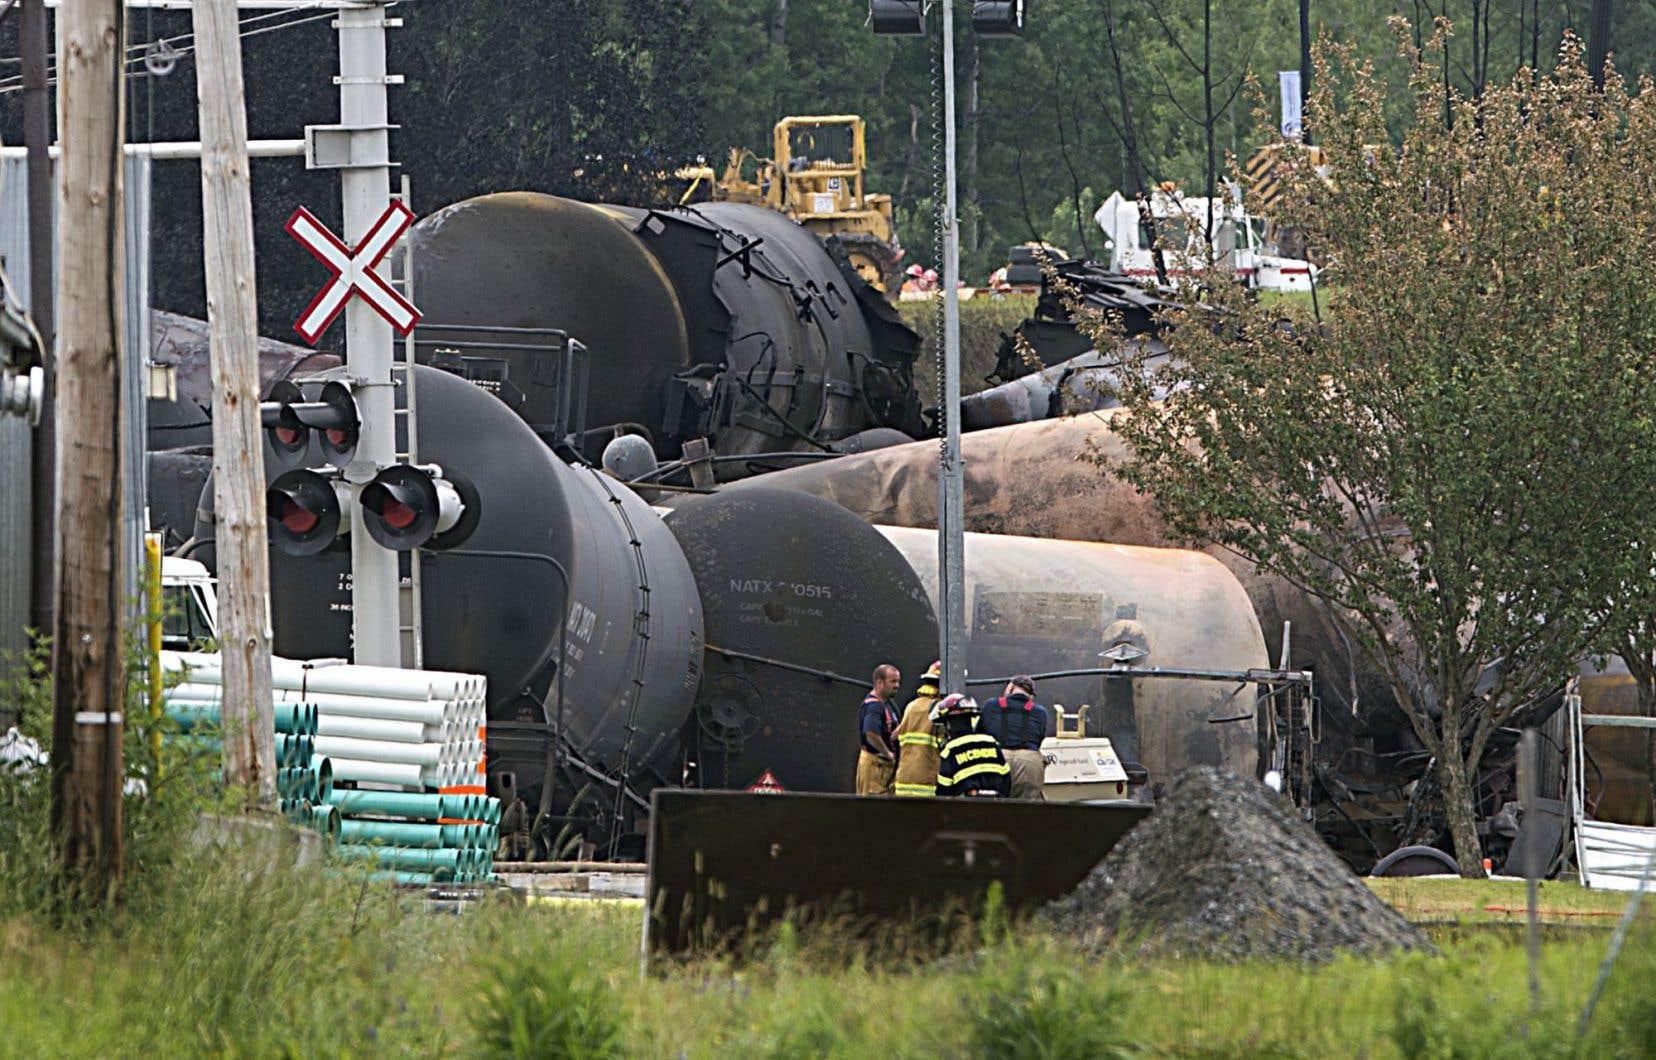 Le 6juillet 2013, le déraillement d'un convoi ferroviaire transportant du pétrole brut a causé d'importants incendies à Lac-Mégantic, qui ont tué 47 personnes.